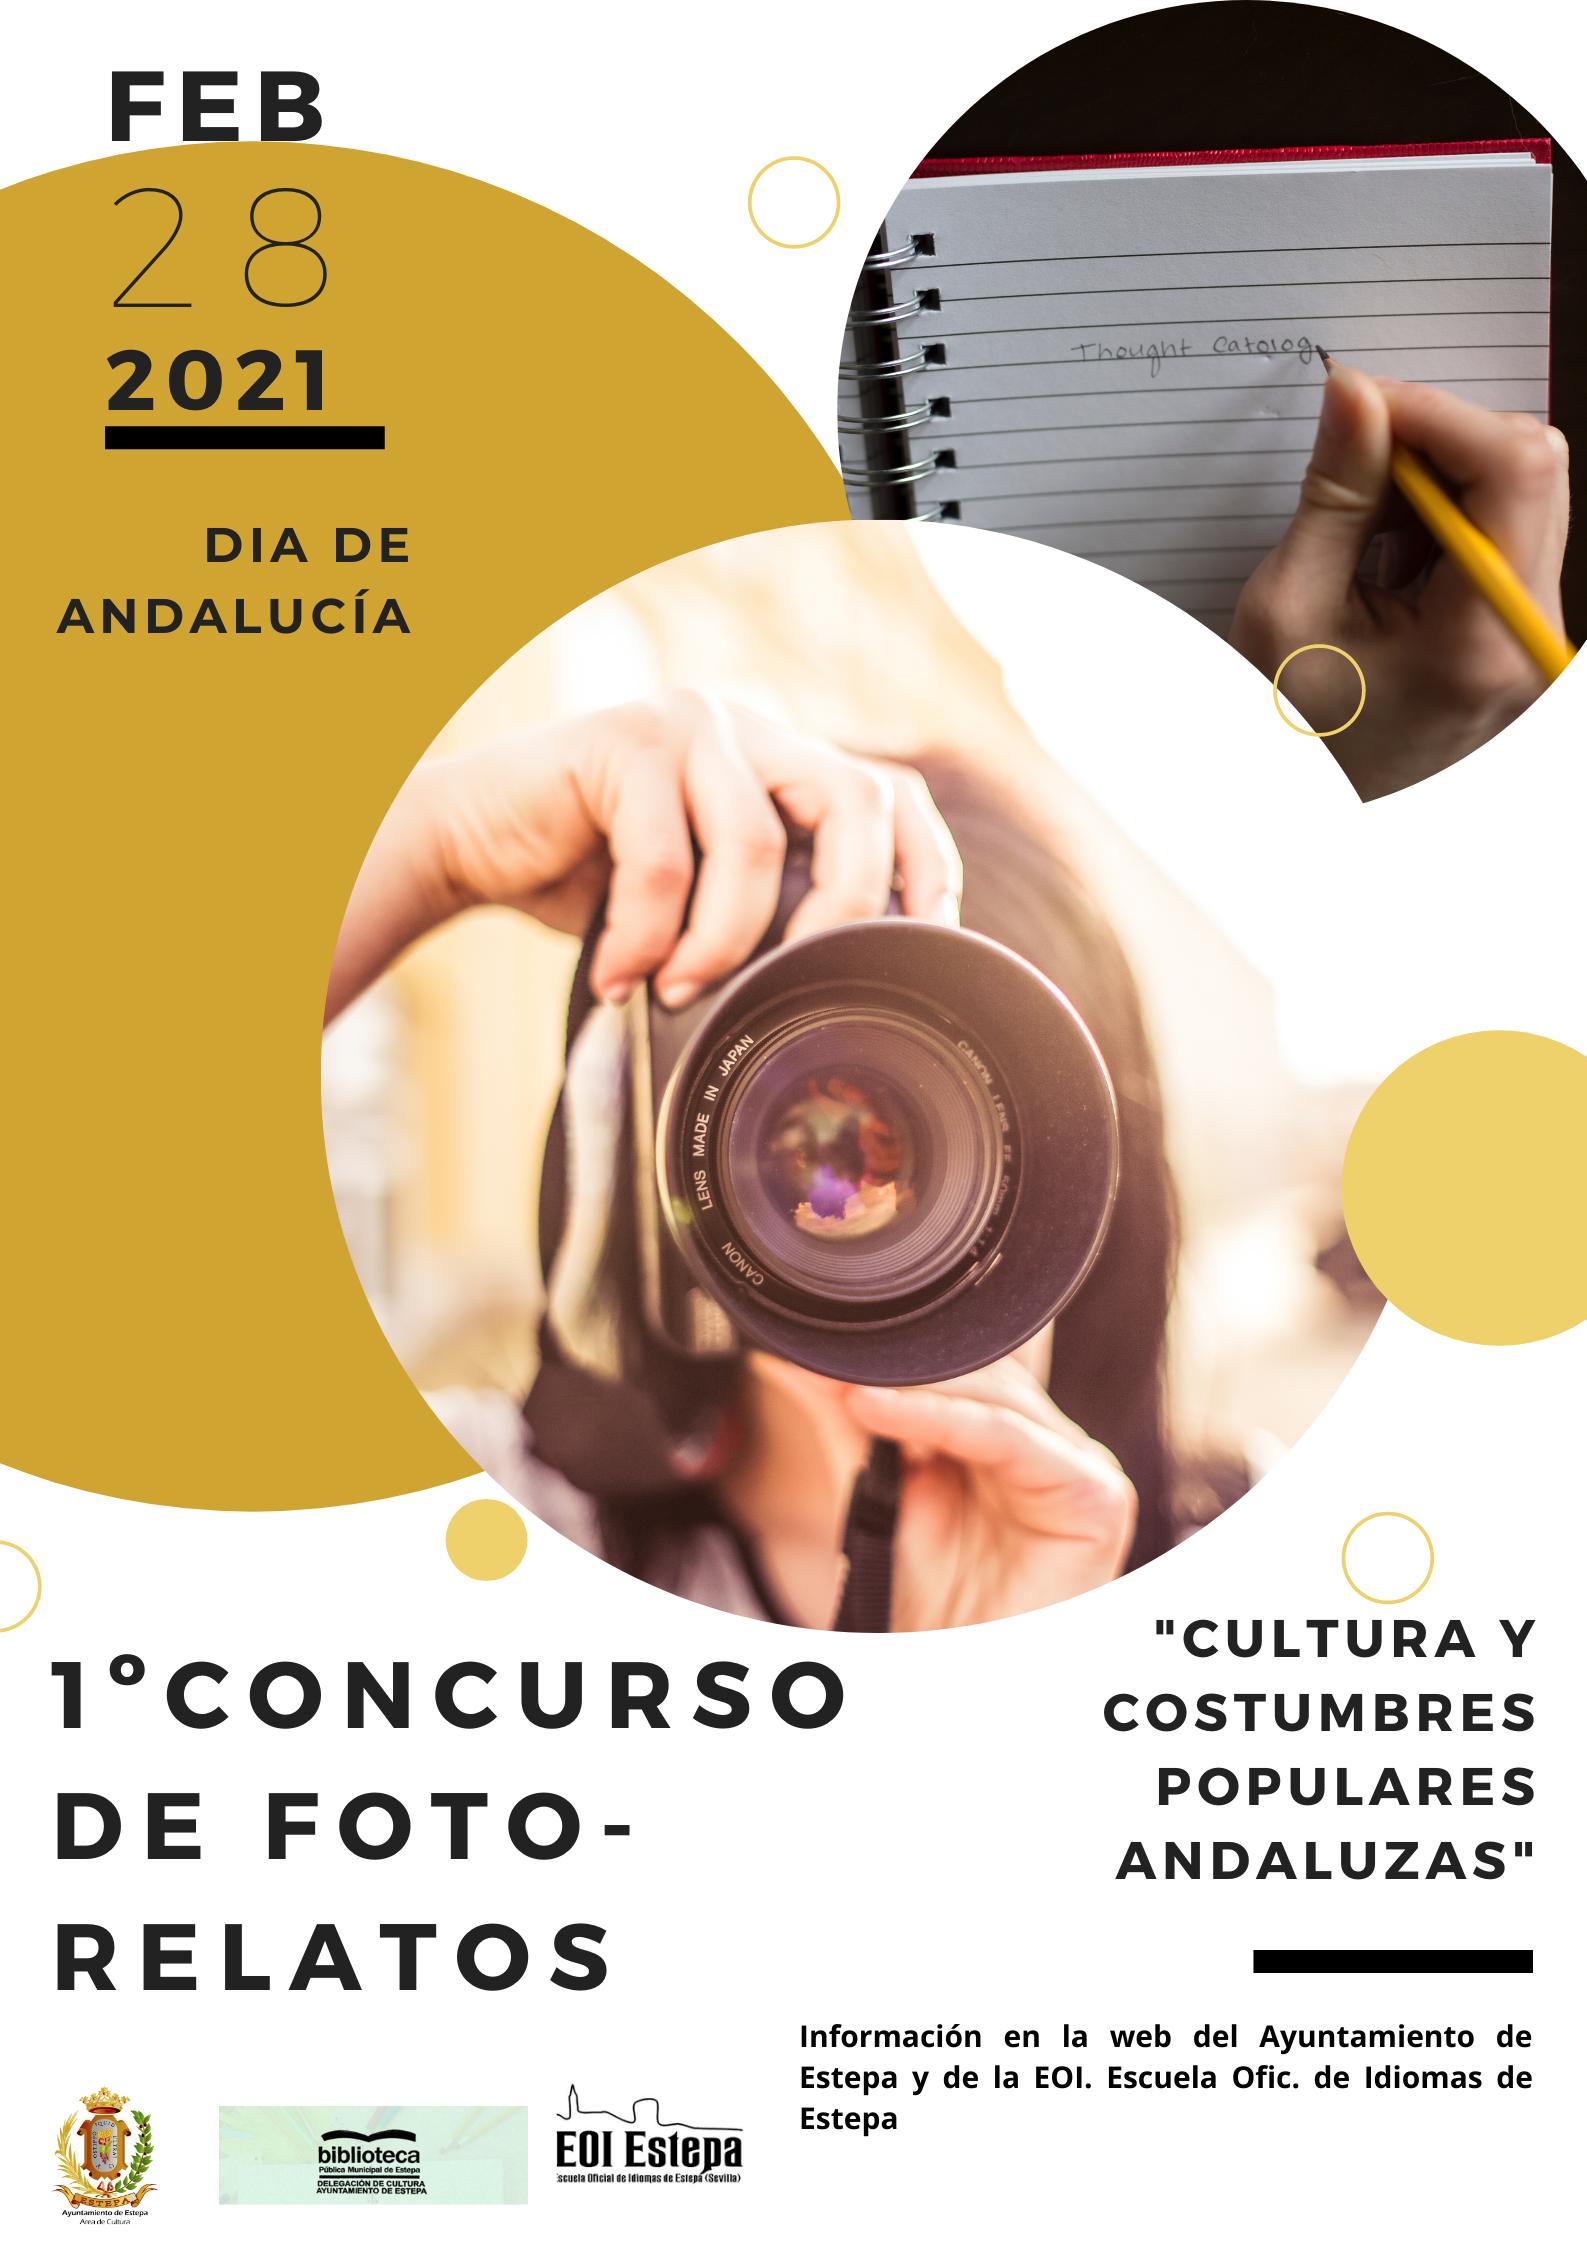 Concurso de Foto-Relatos para el Día de Andalucía